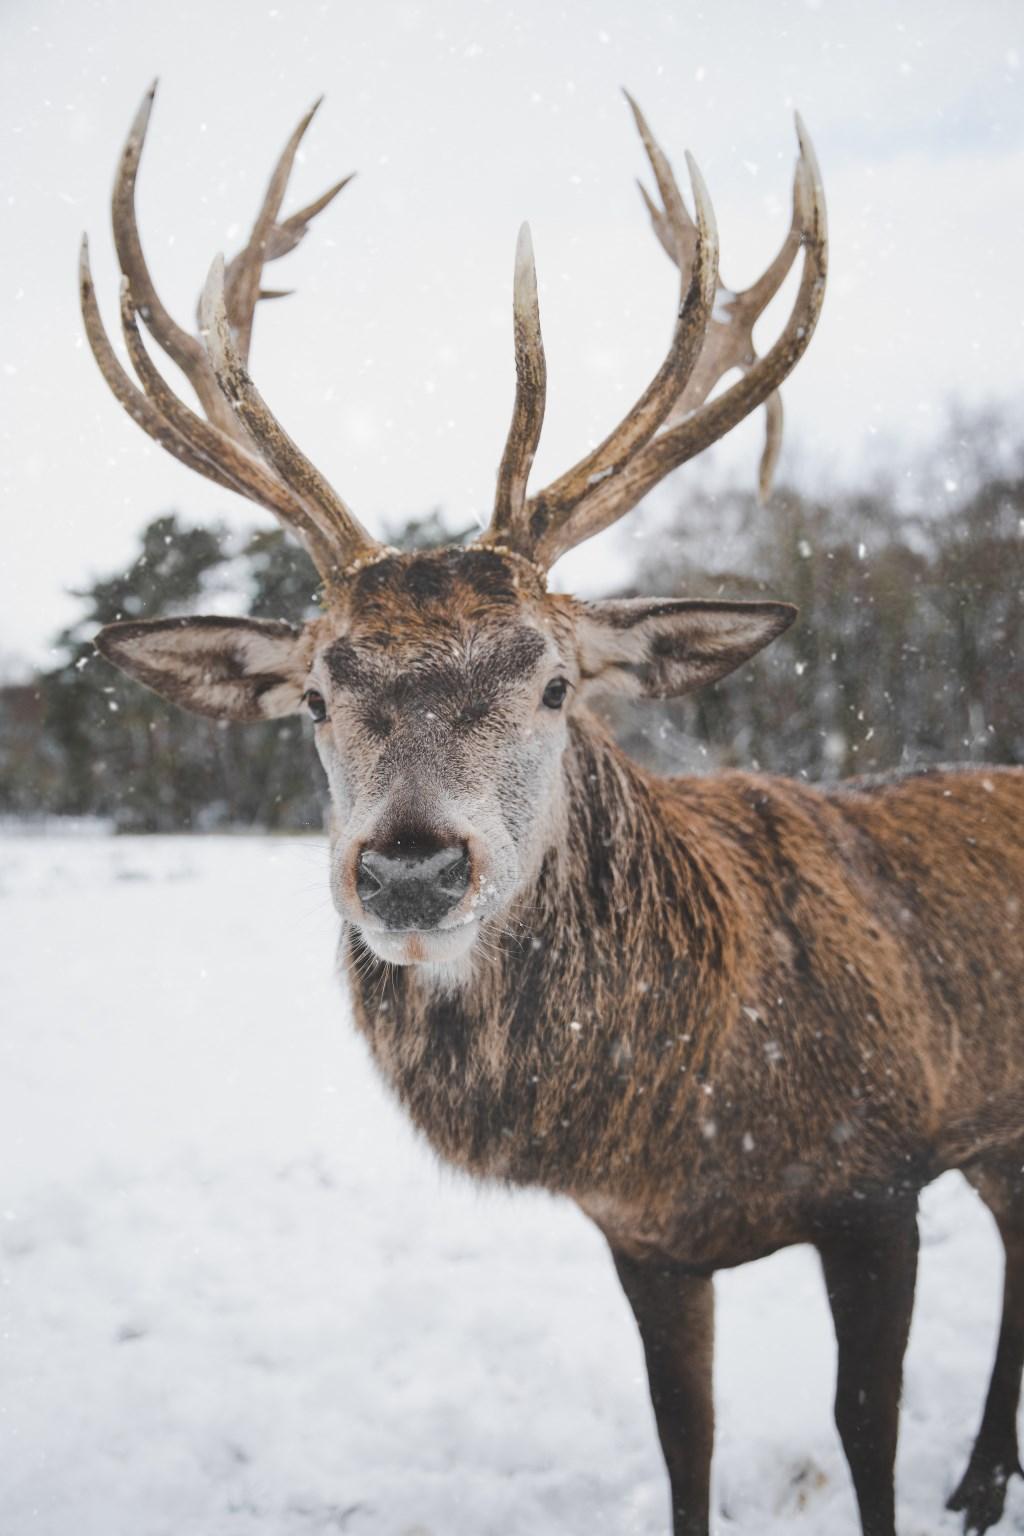 De Kerstman was erg verdrietig over het afscheid. Hij had de tranen in zijn ogen staan en dacht aan de acht prachtige trotse dieren.  © Persgroep